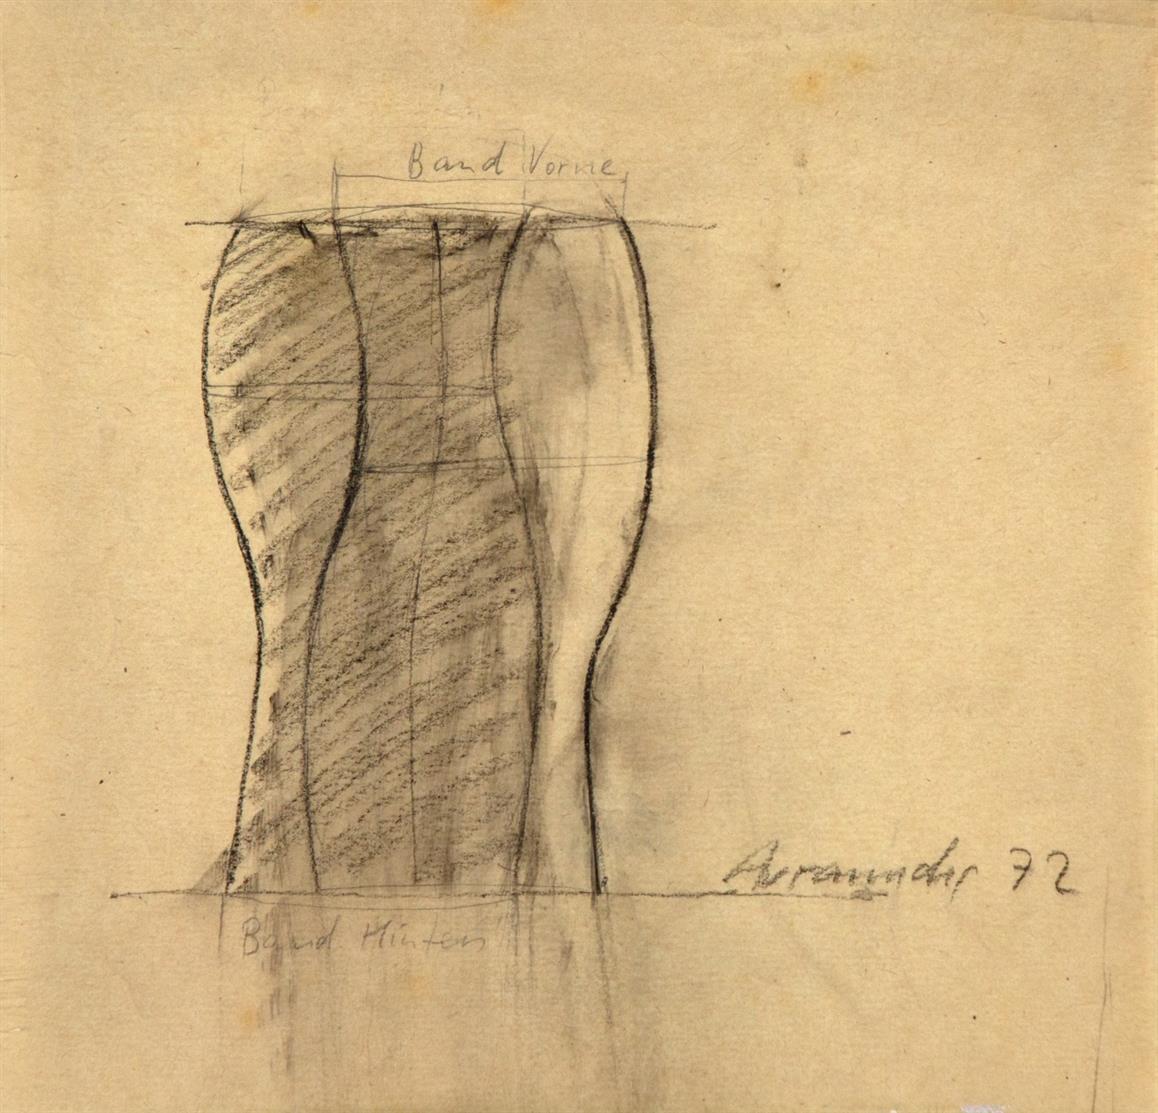 Joannis Avramidis. Ohne Titel. 1972. Kreide und Bleistift. Signiert.